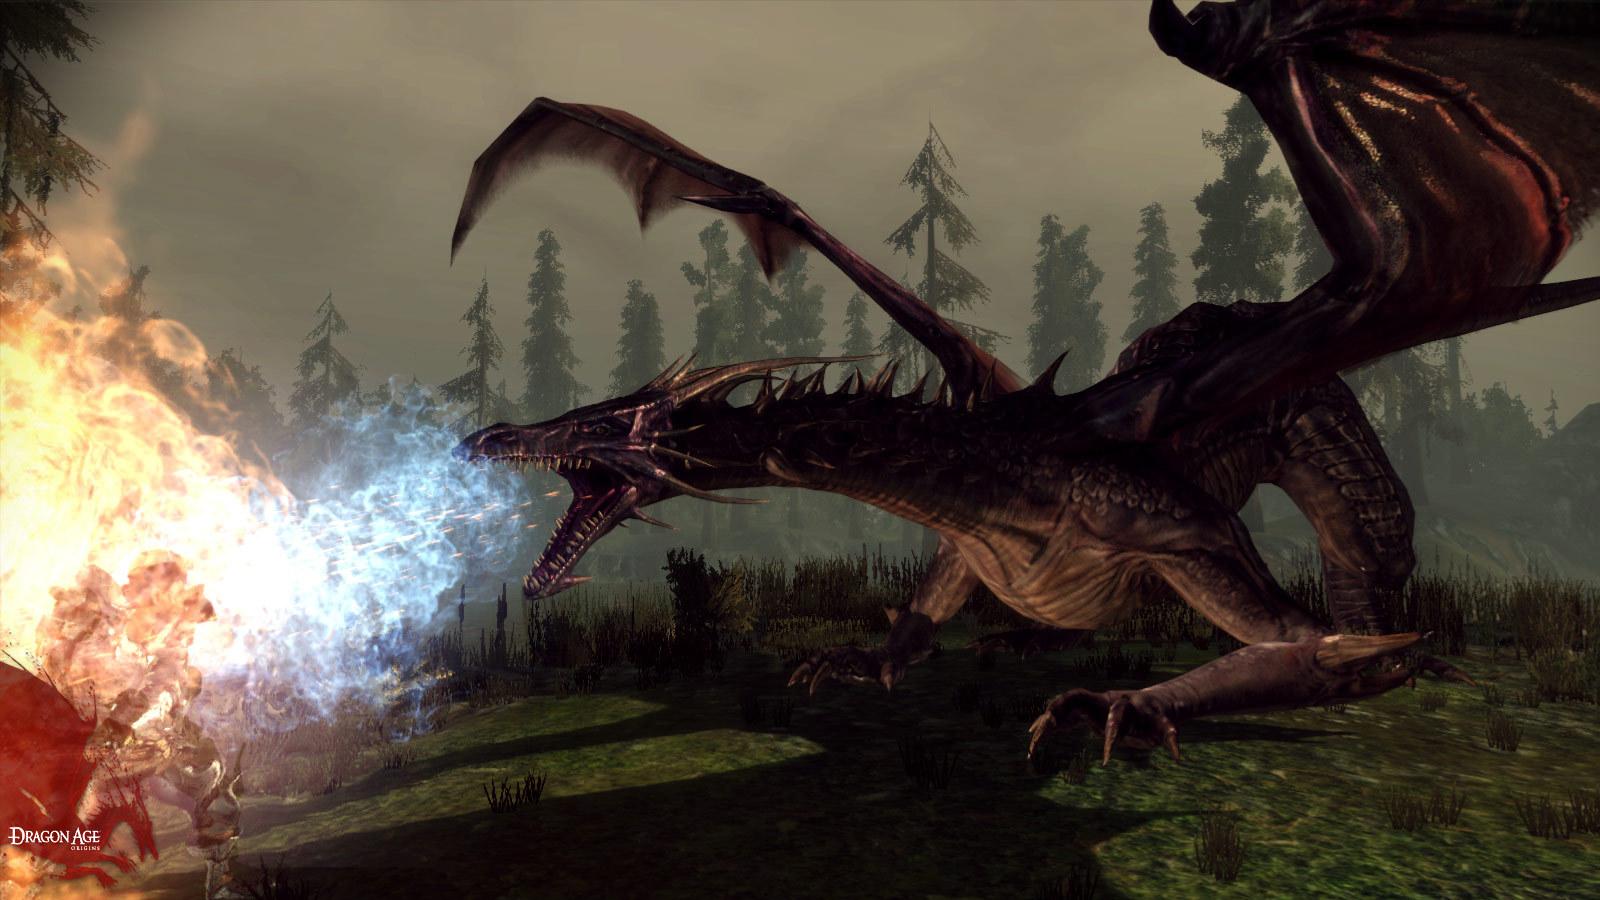 Re: Dragon Age: Origins Crash mac OS Sierra